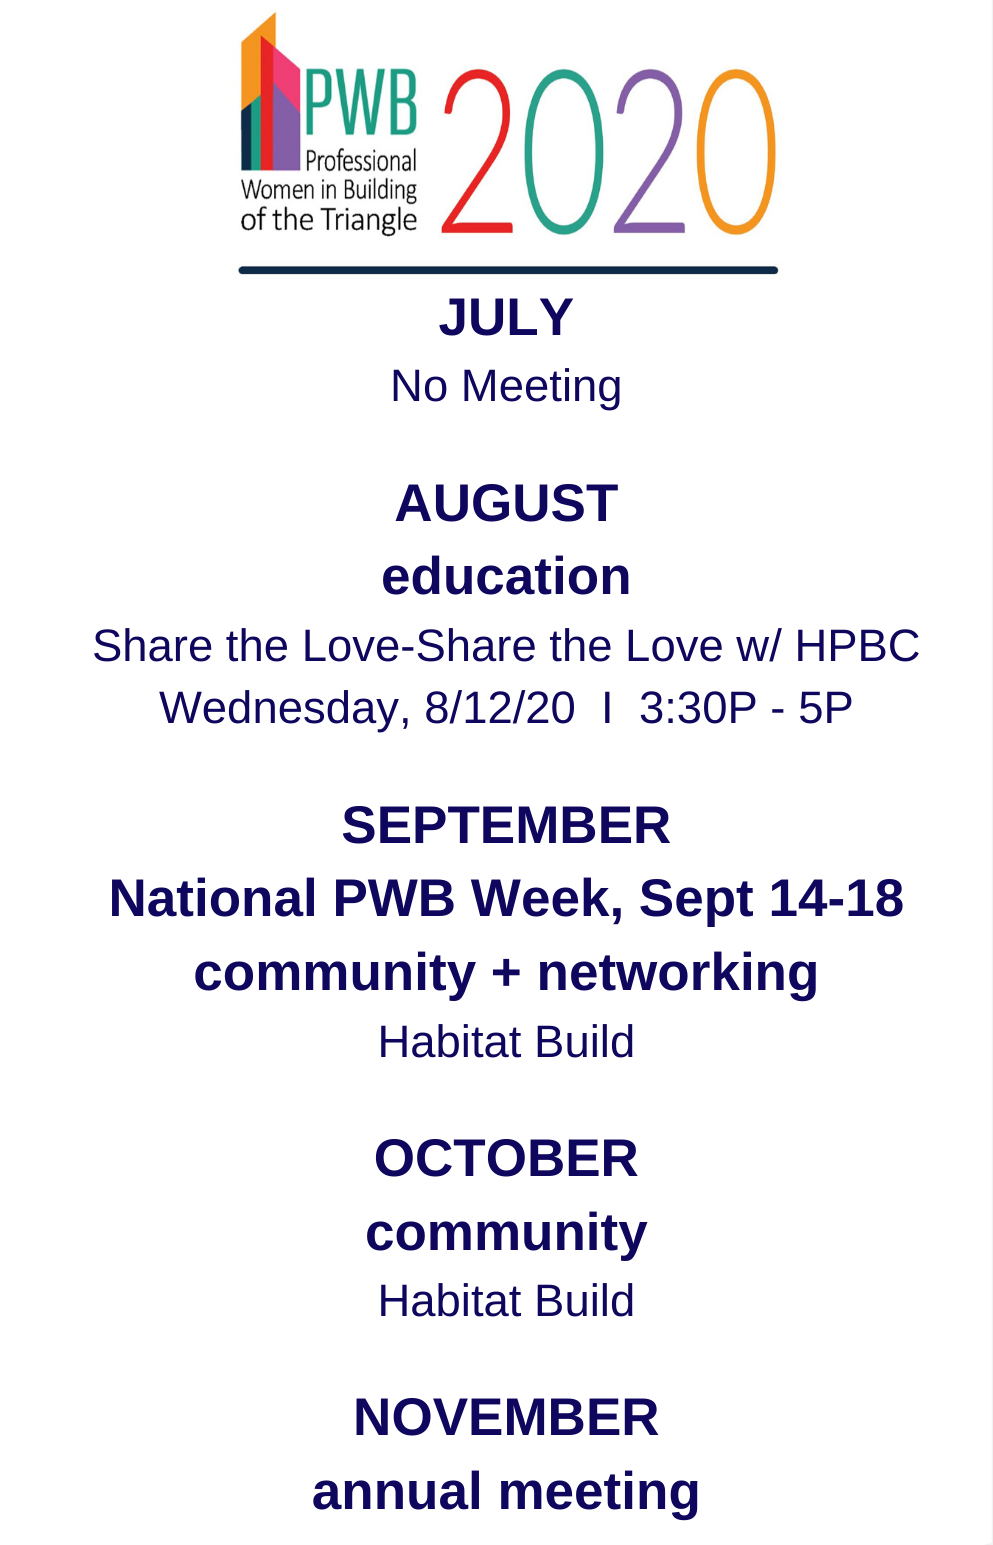 PWB July -September 2020